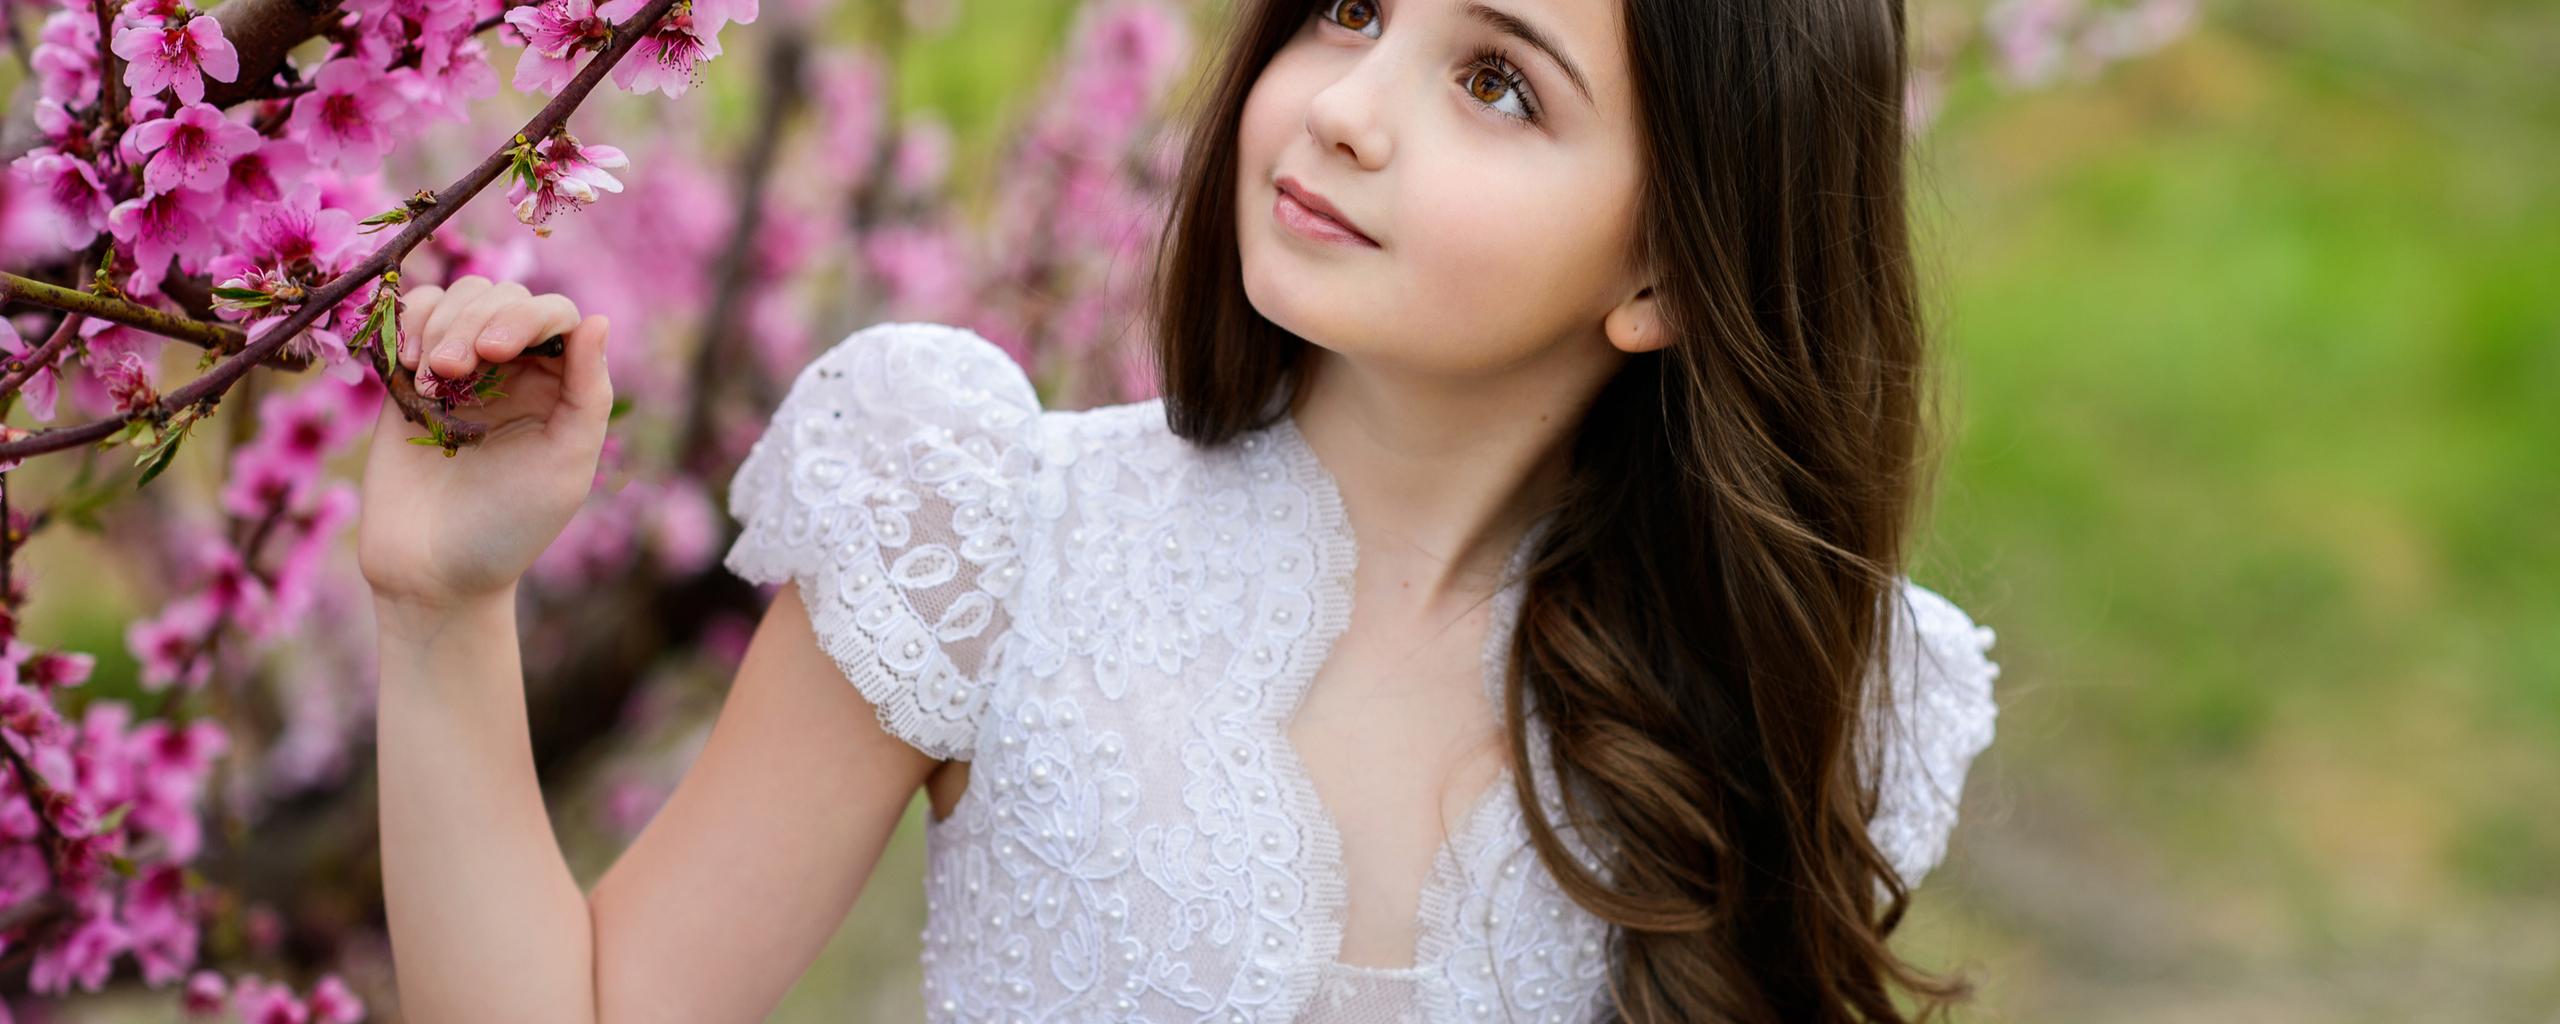 little-girl-standing-along-with-flowers-iz.jpg